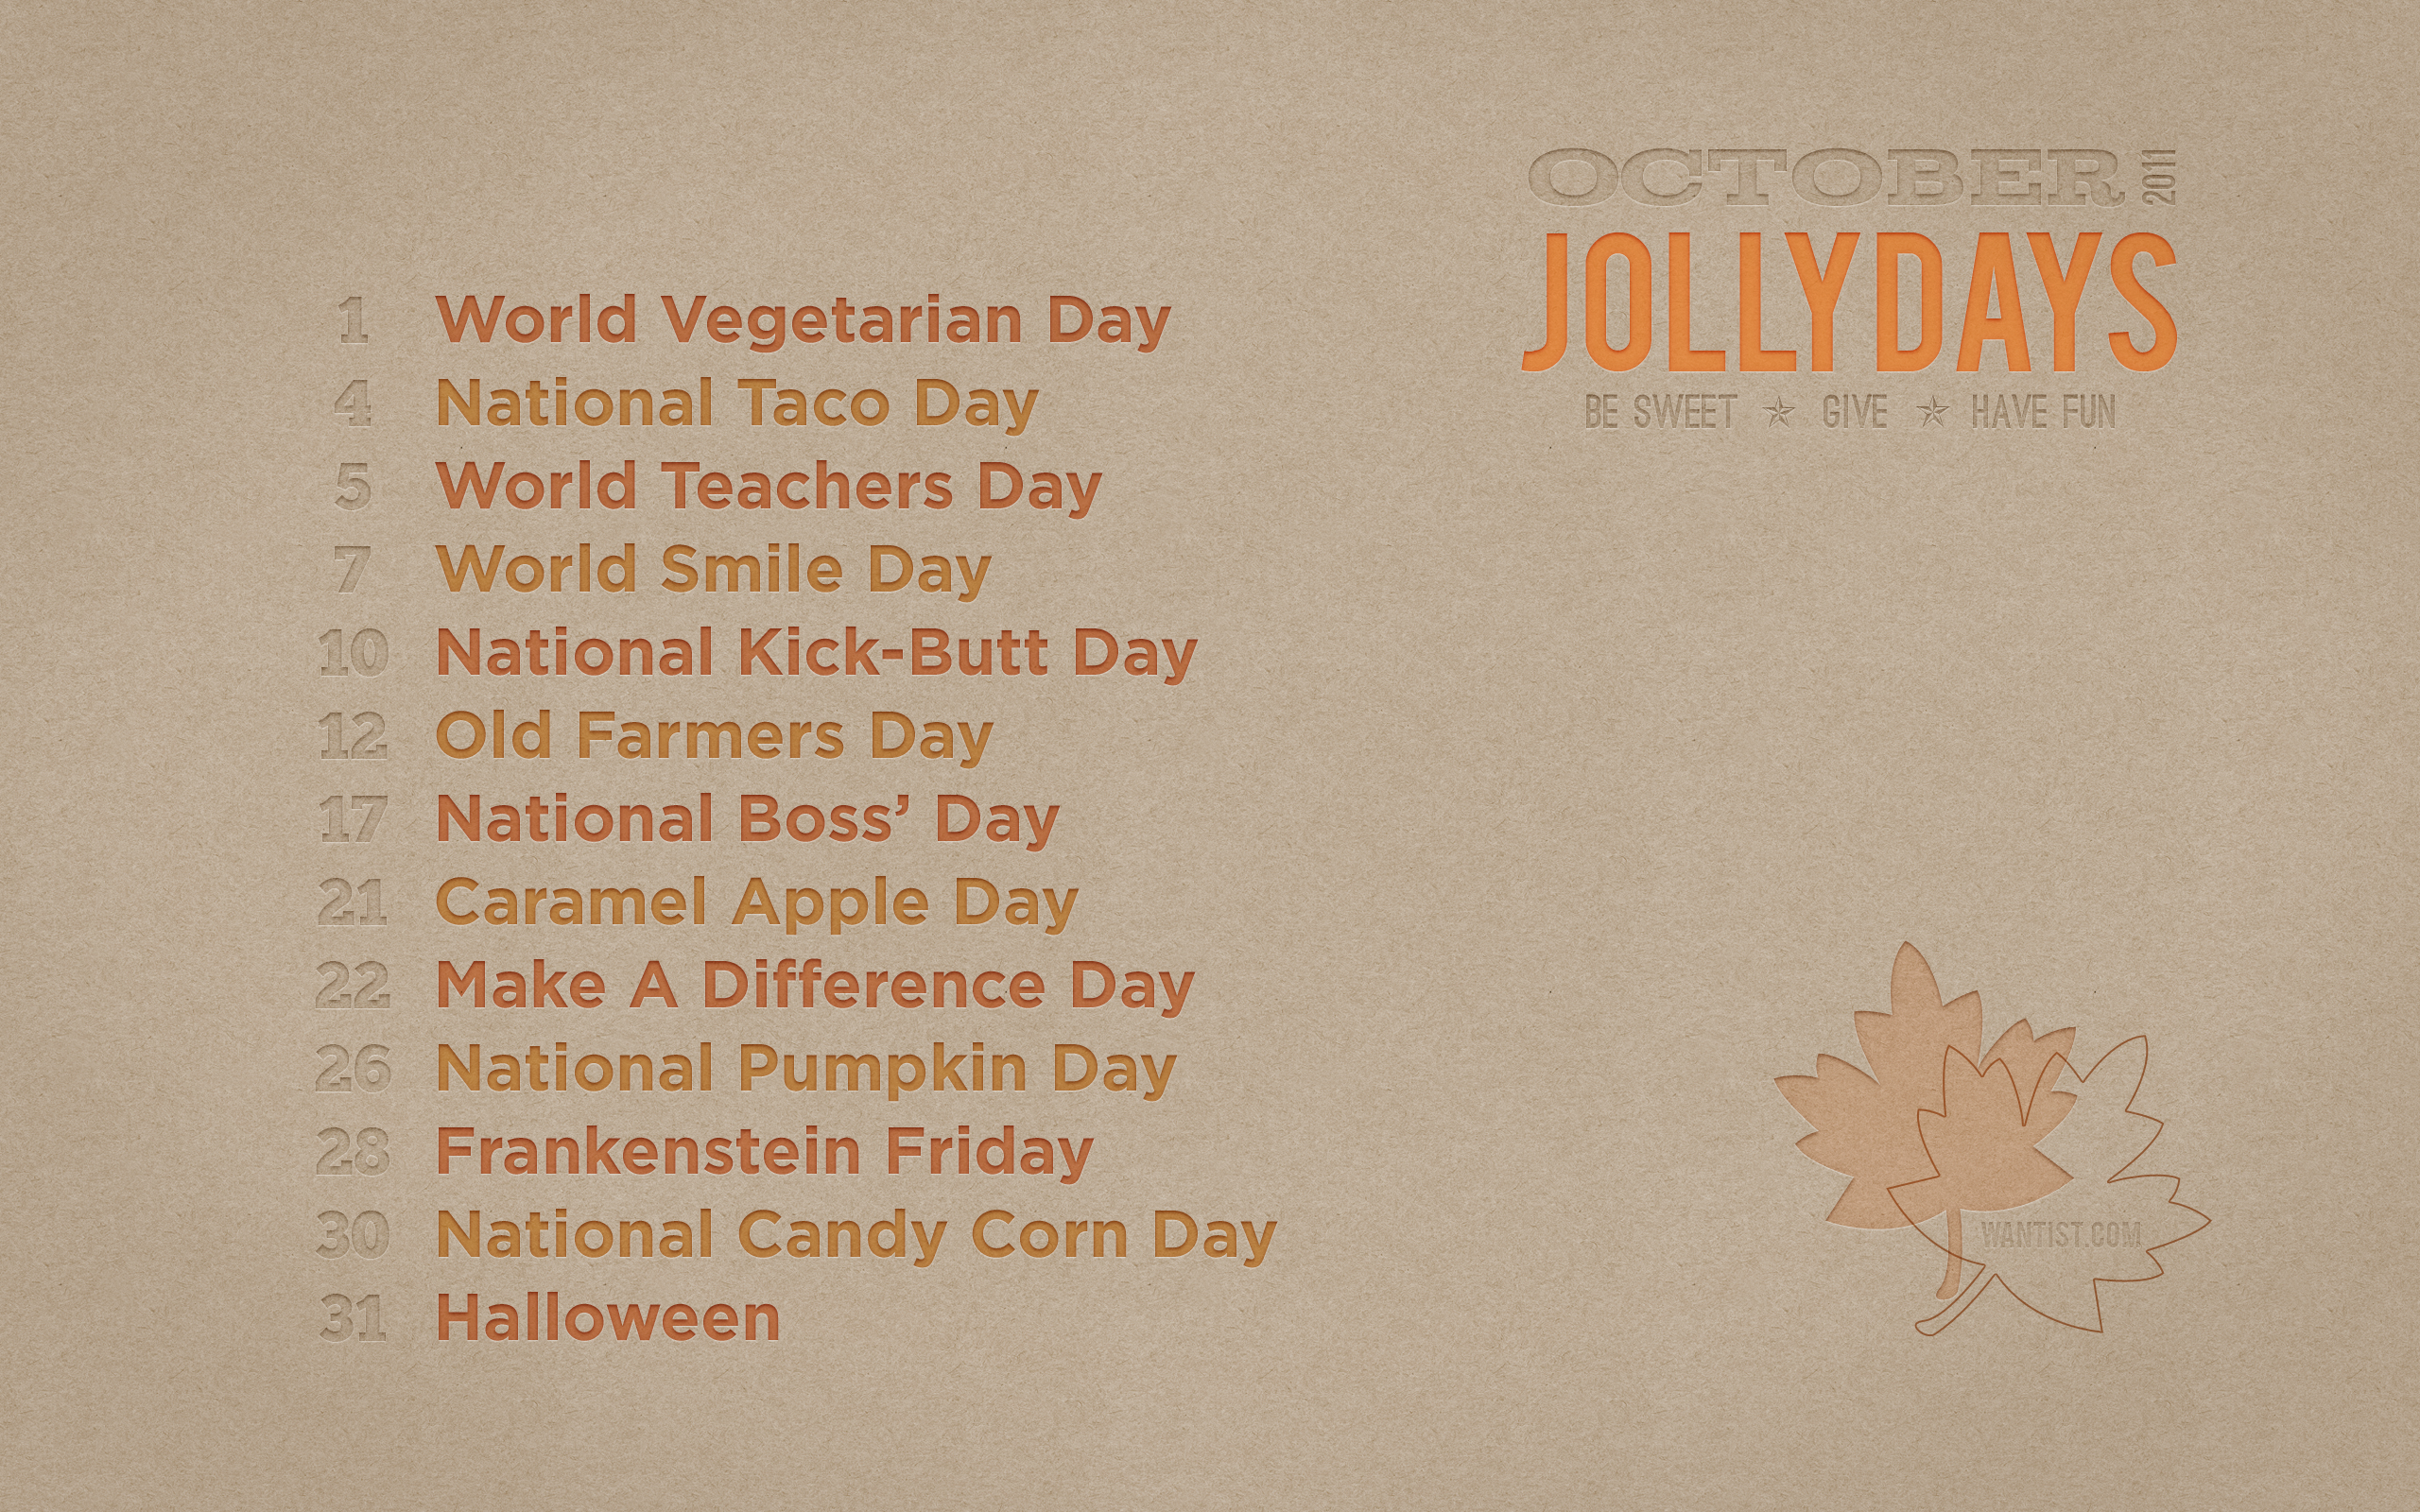 Great Wallpaper Halloween Macbook Air - wantist-jollydays-oct-2011-2560_1600  Graphic_661094.png